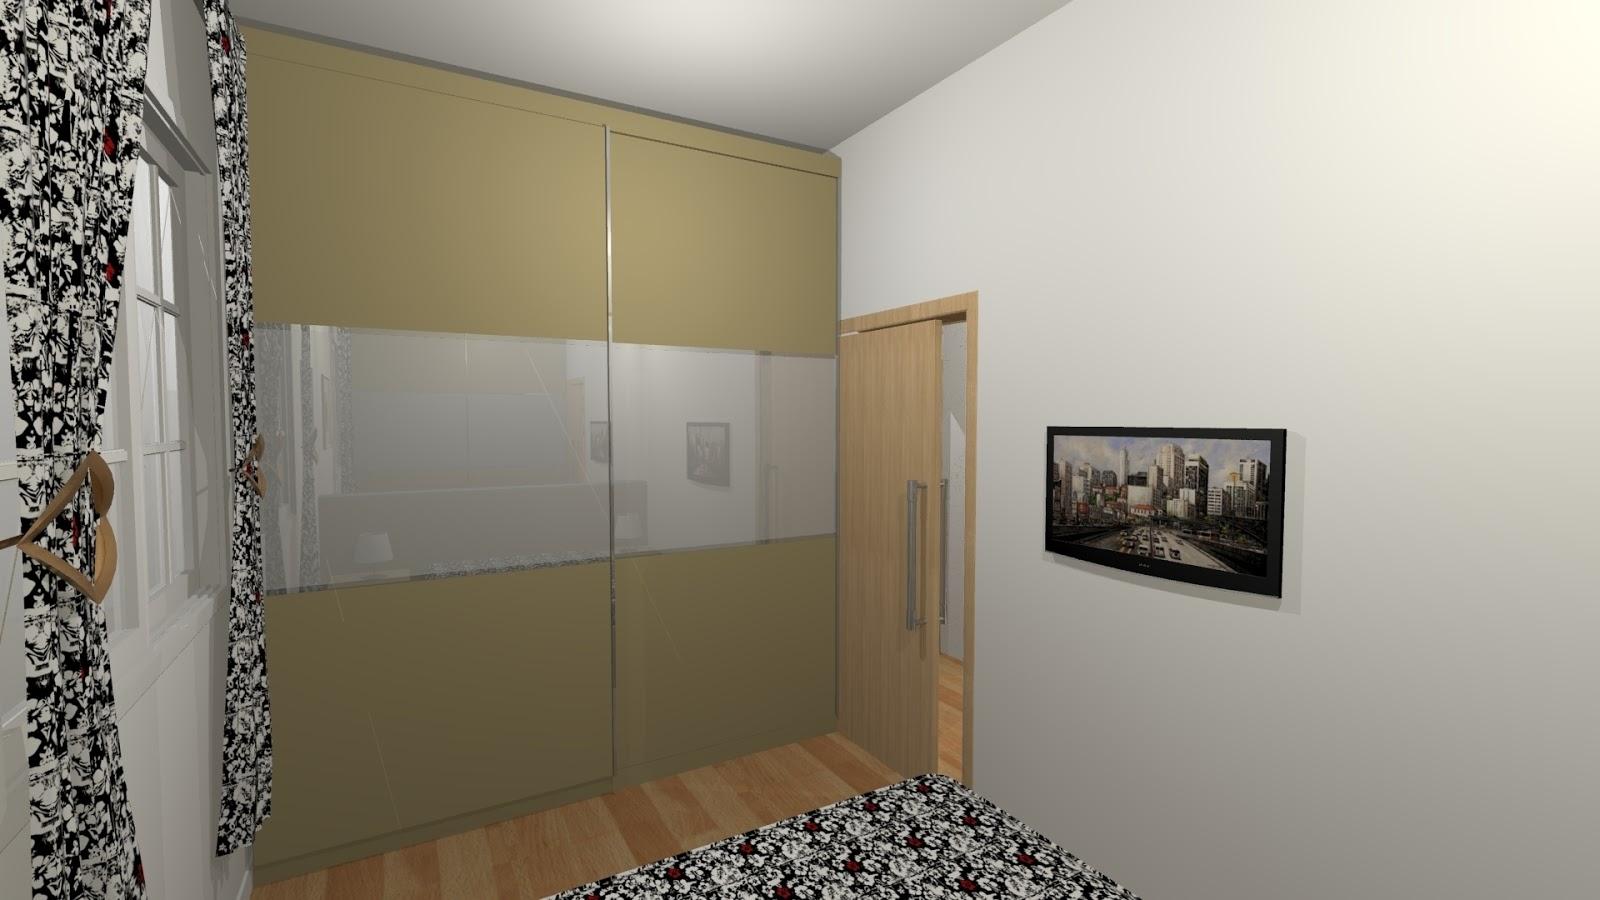 sob medida armários cozinha banheiro decoração painel lcd bar #605036 1600x900 Armario Banheiro Retro